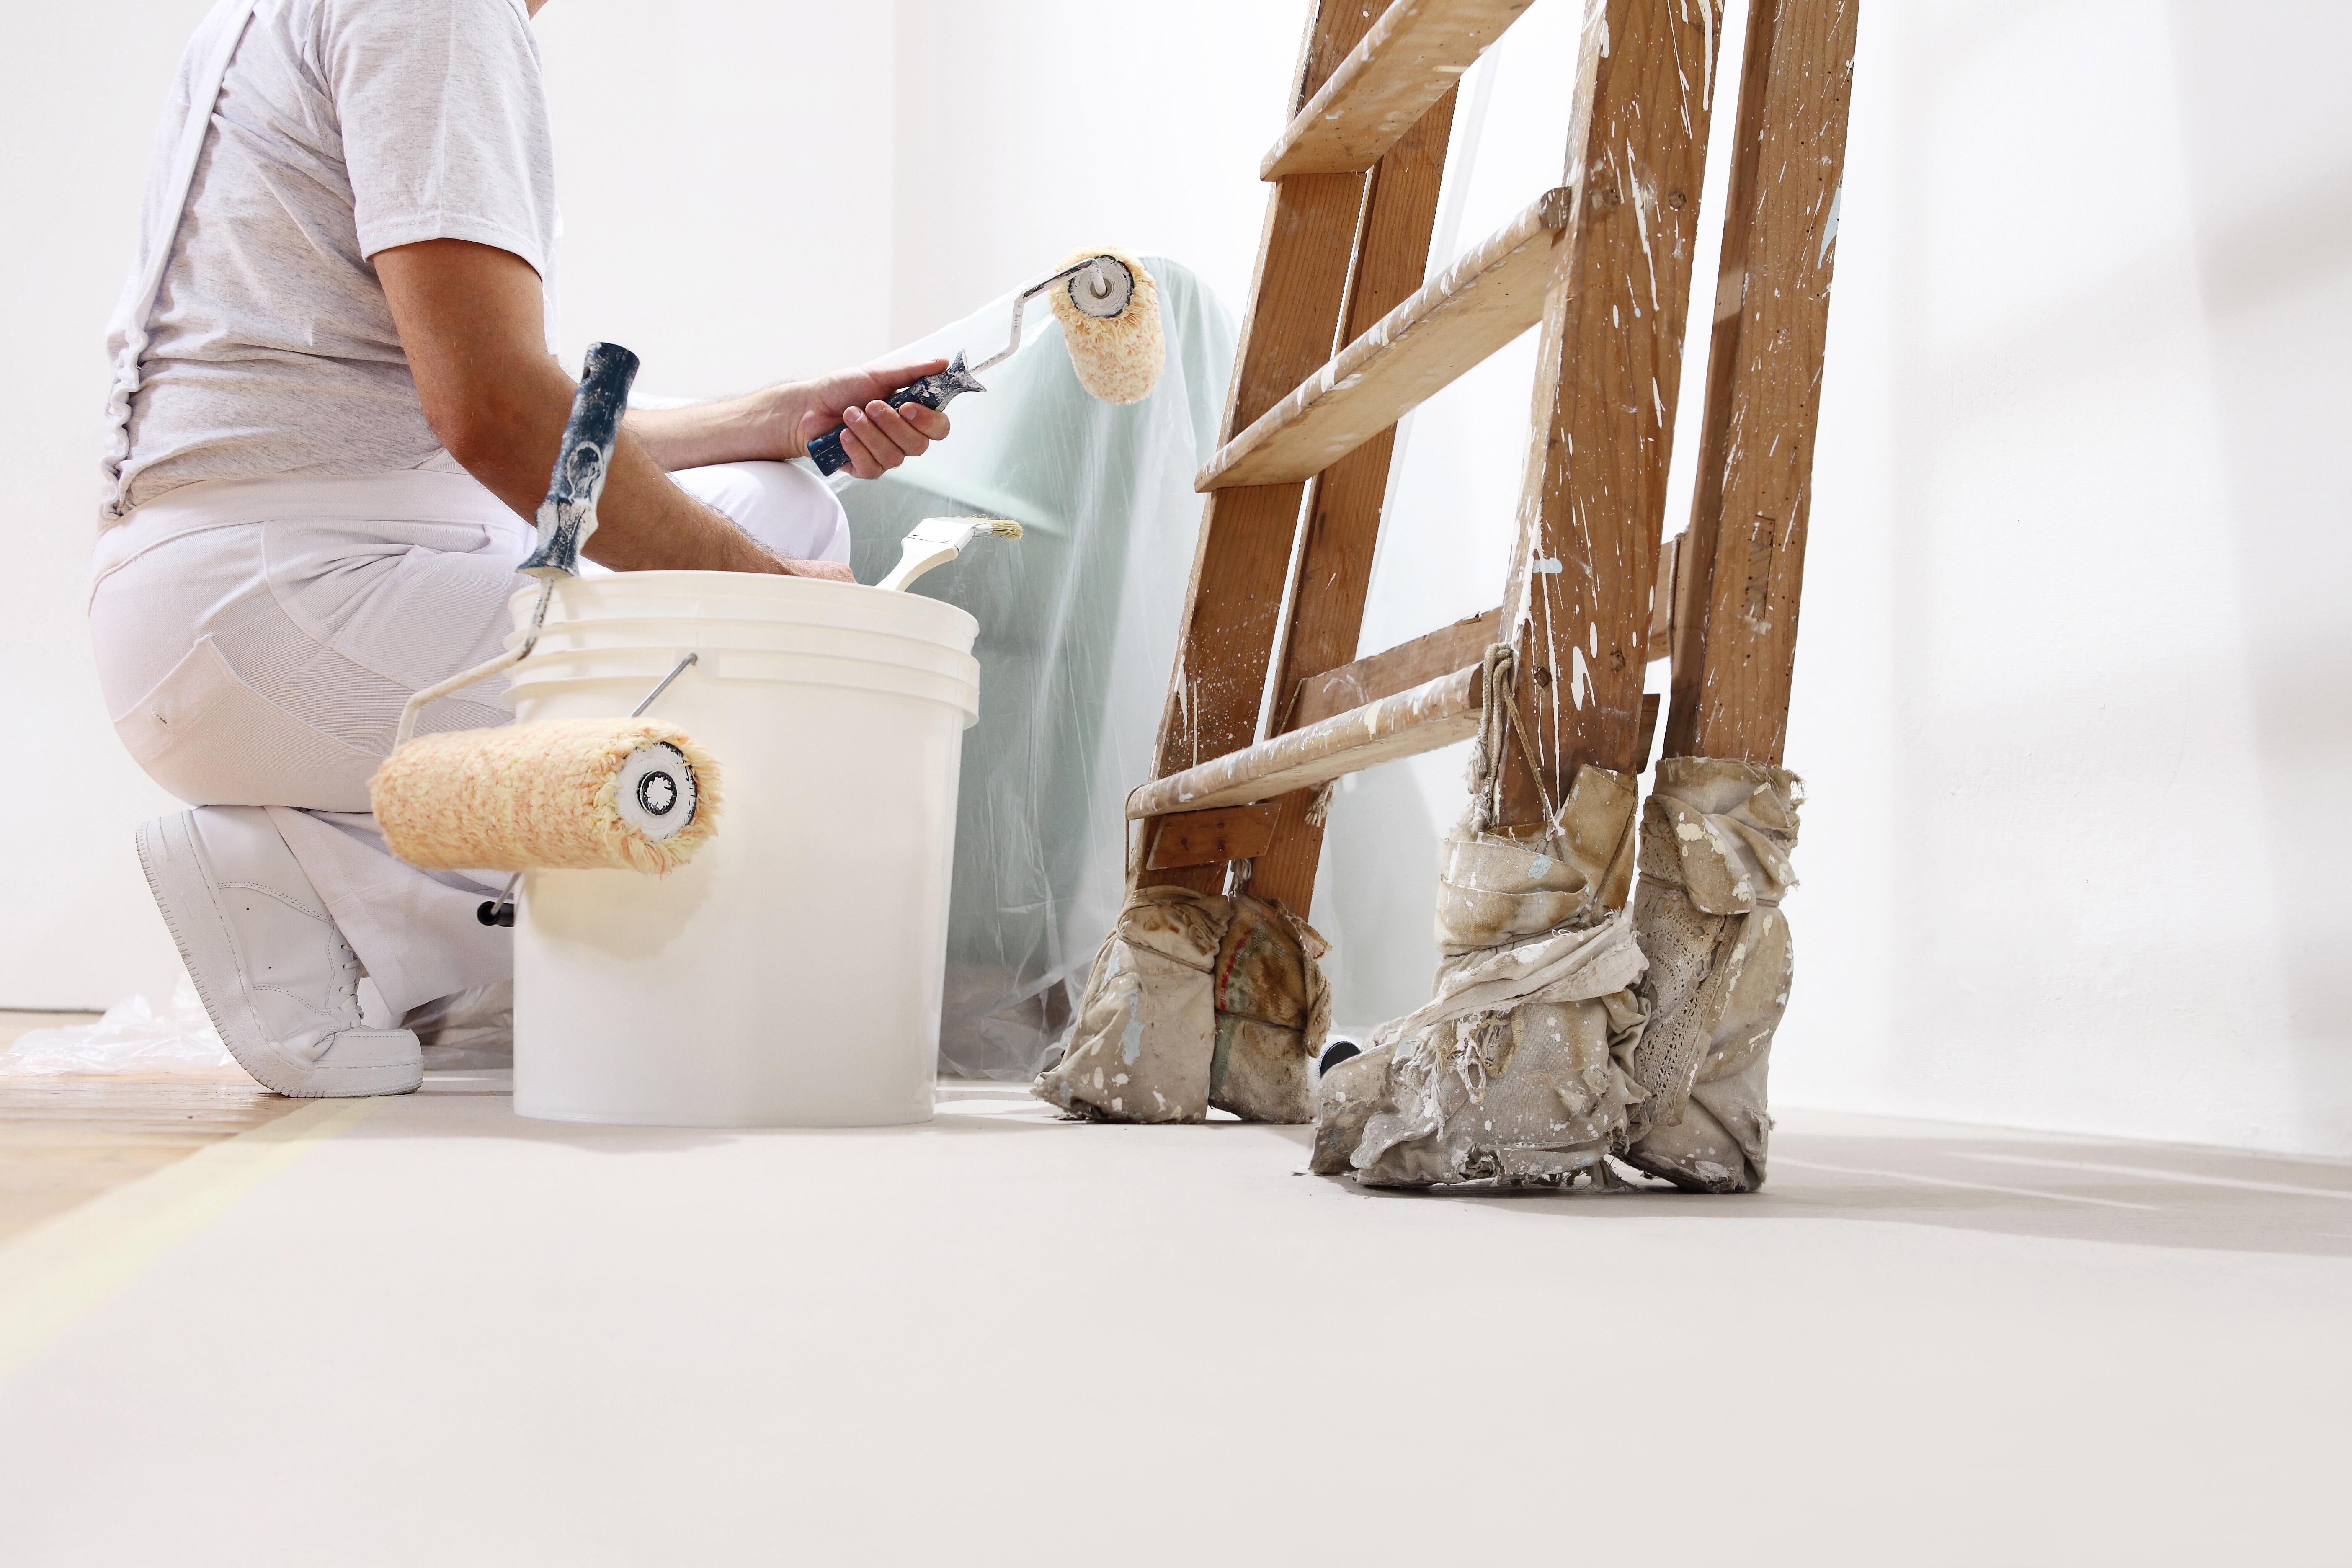 Find a Renovator